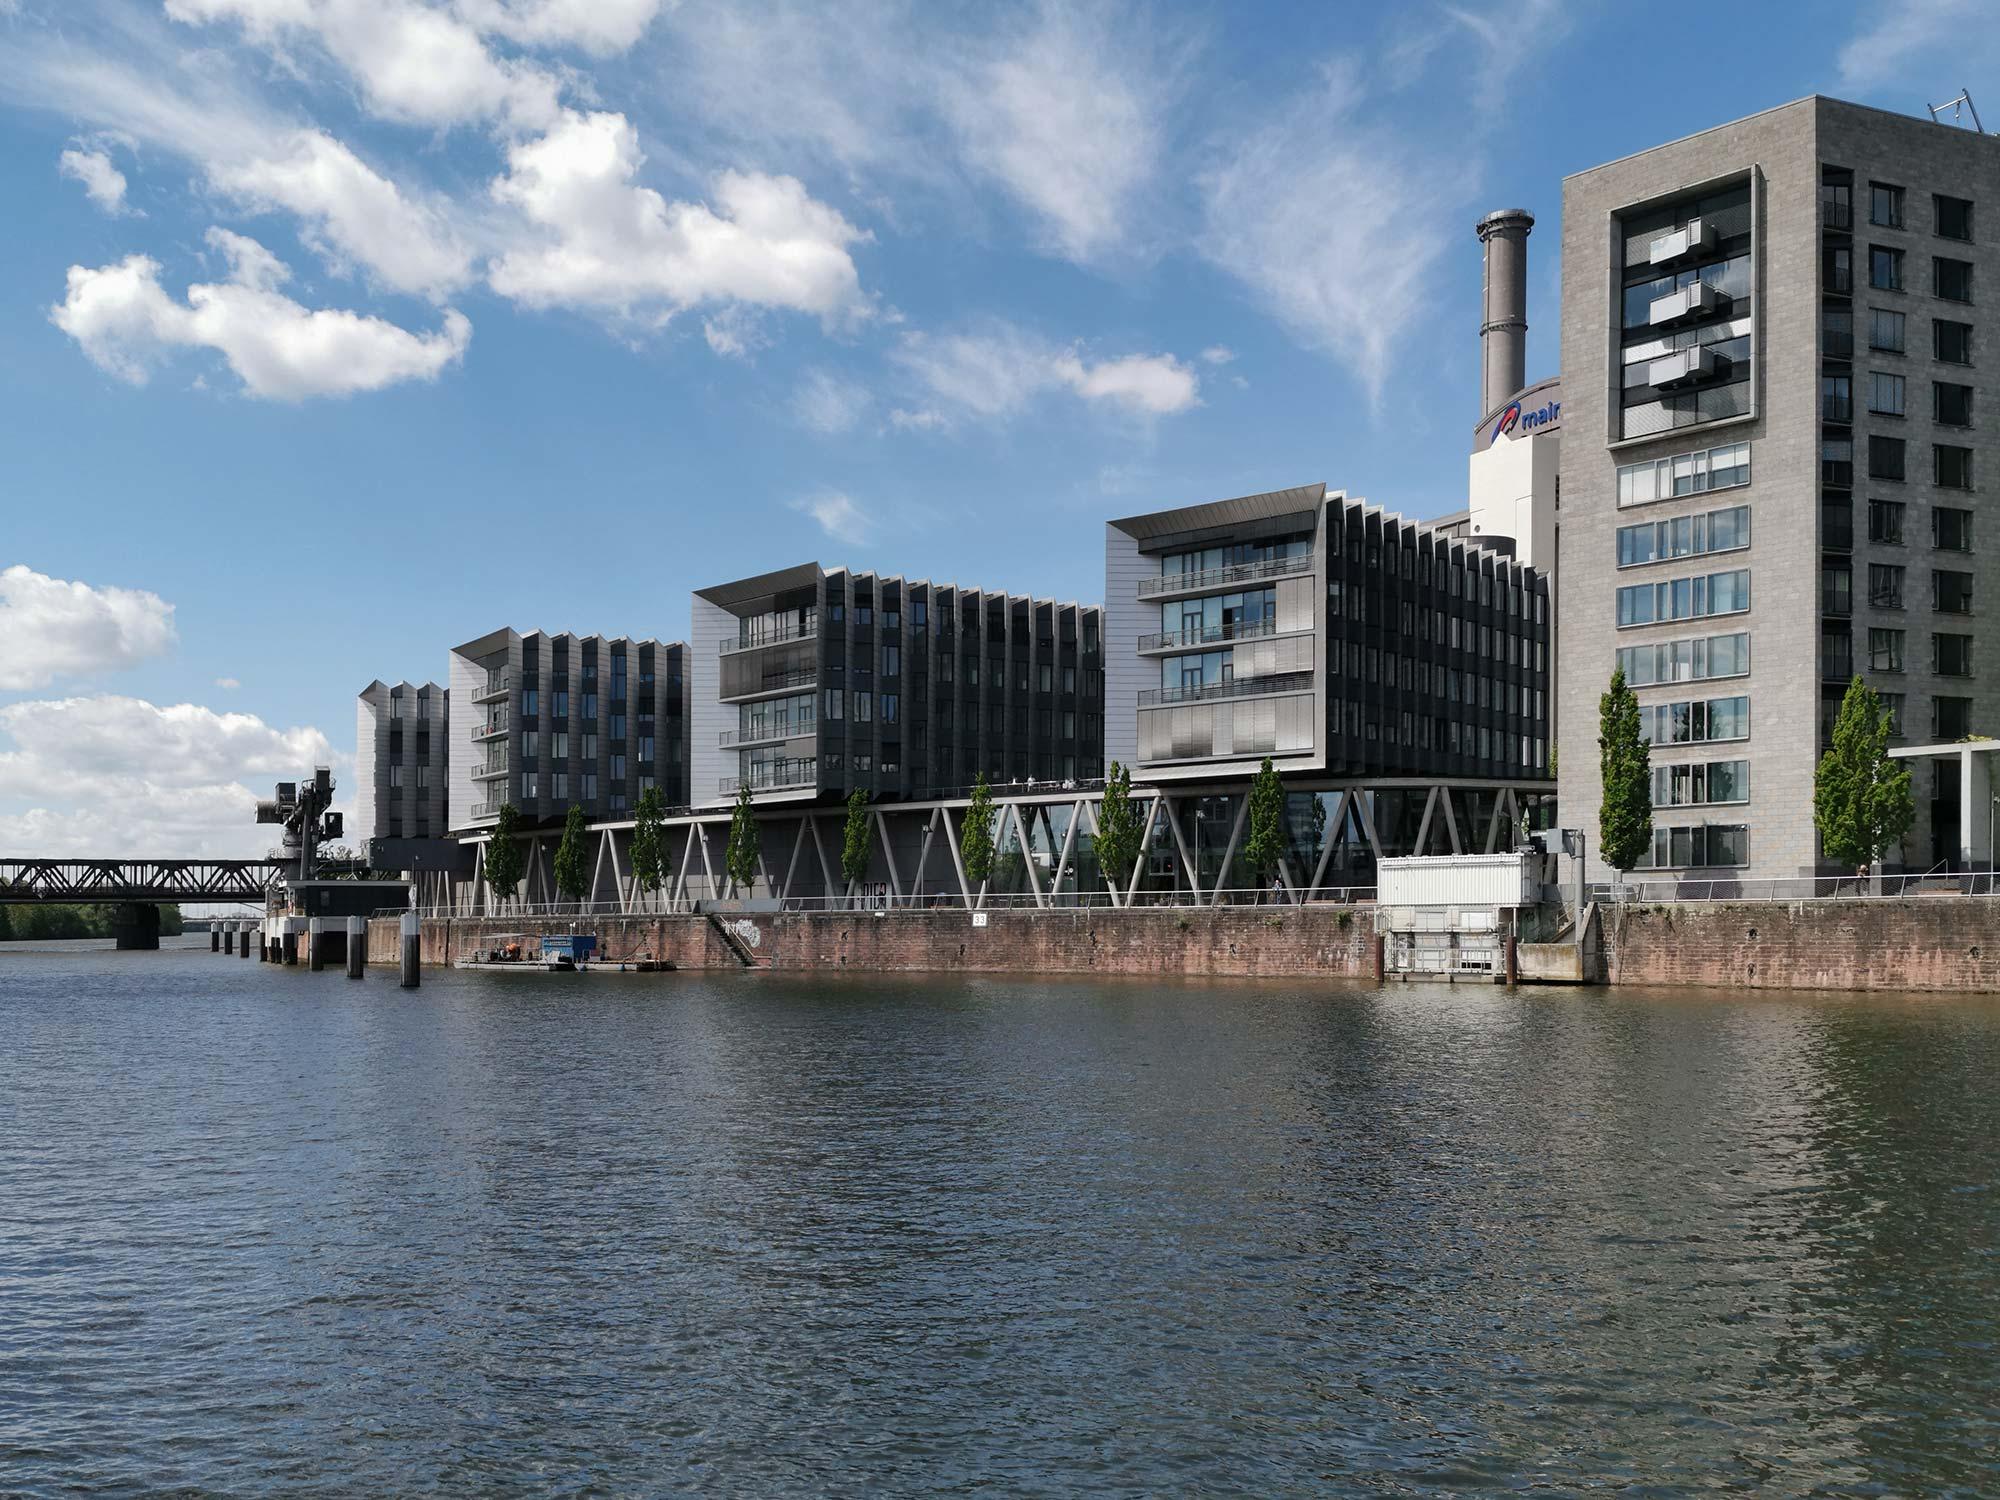 Westhafen-Pier (links) und Torhaus (rechts) - Das Westhafenpier ist für manche das Zentrum von allem